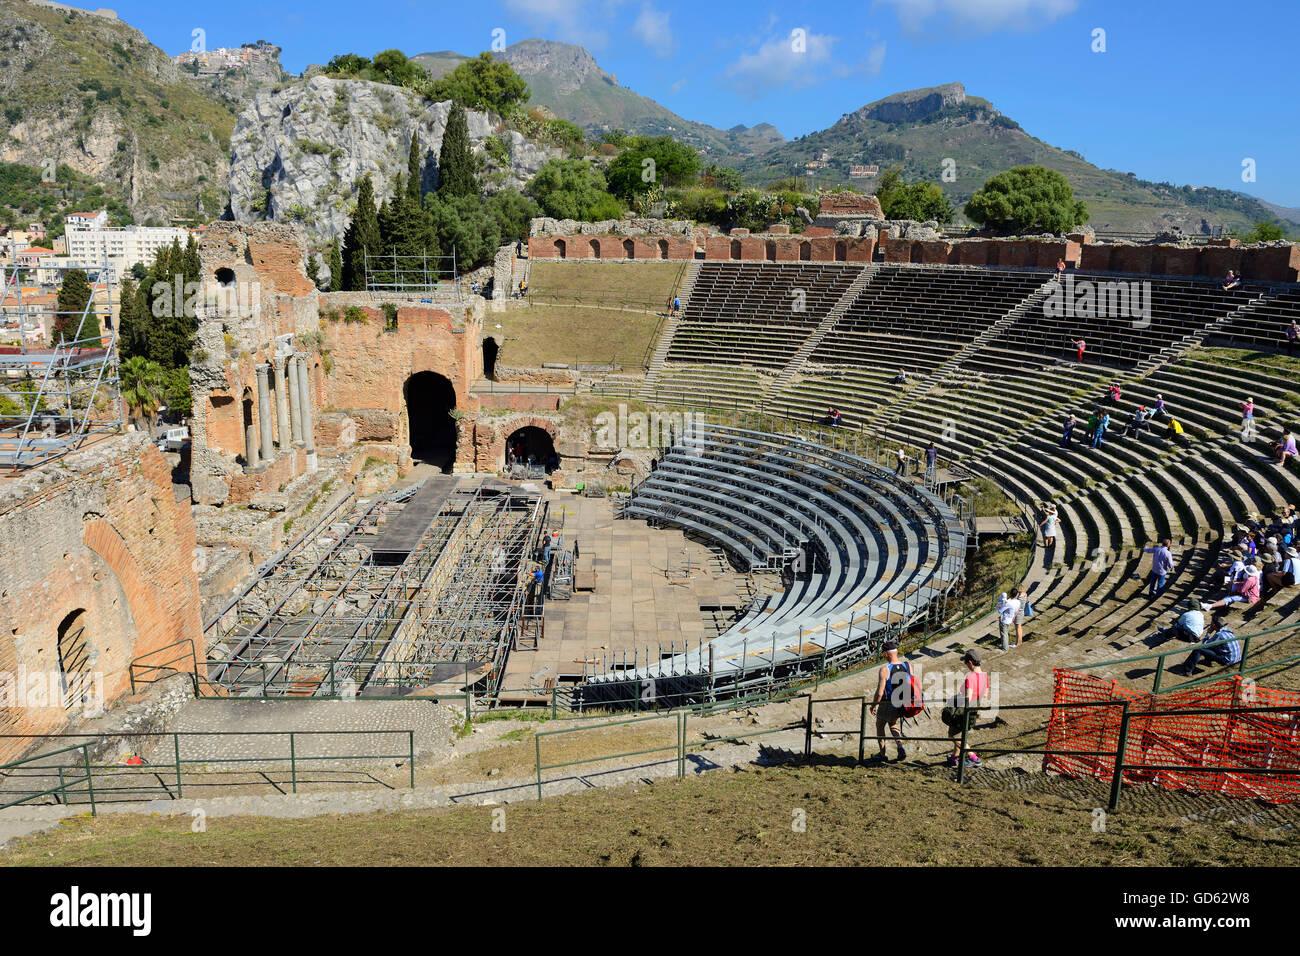 Greek Theatre - Taormina, Sicily, Italy Stock Photo